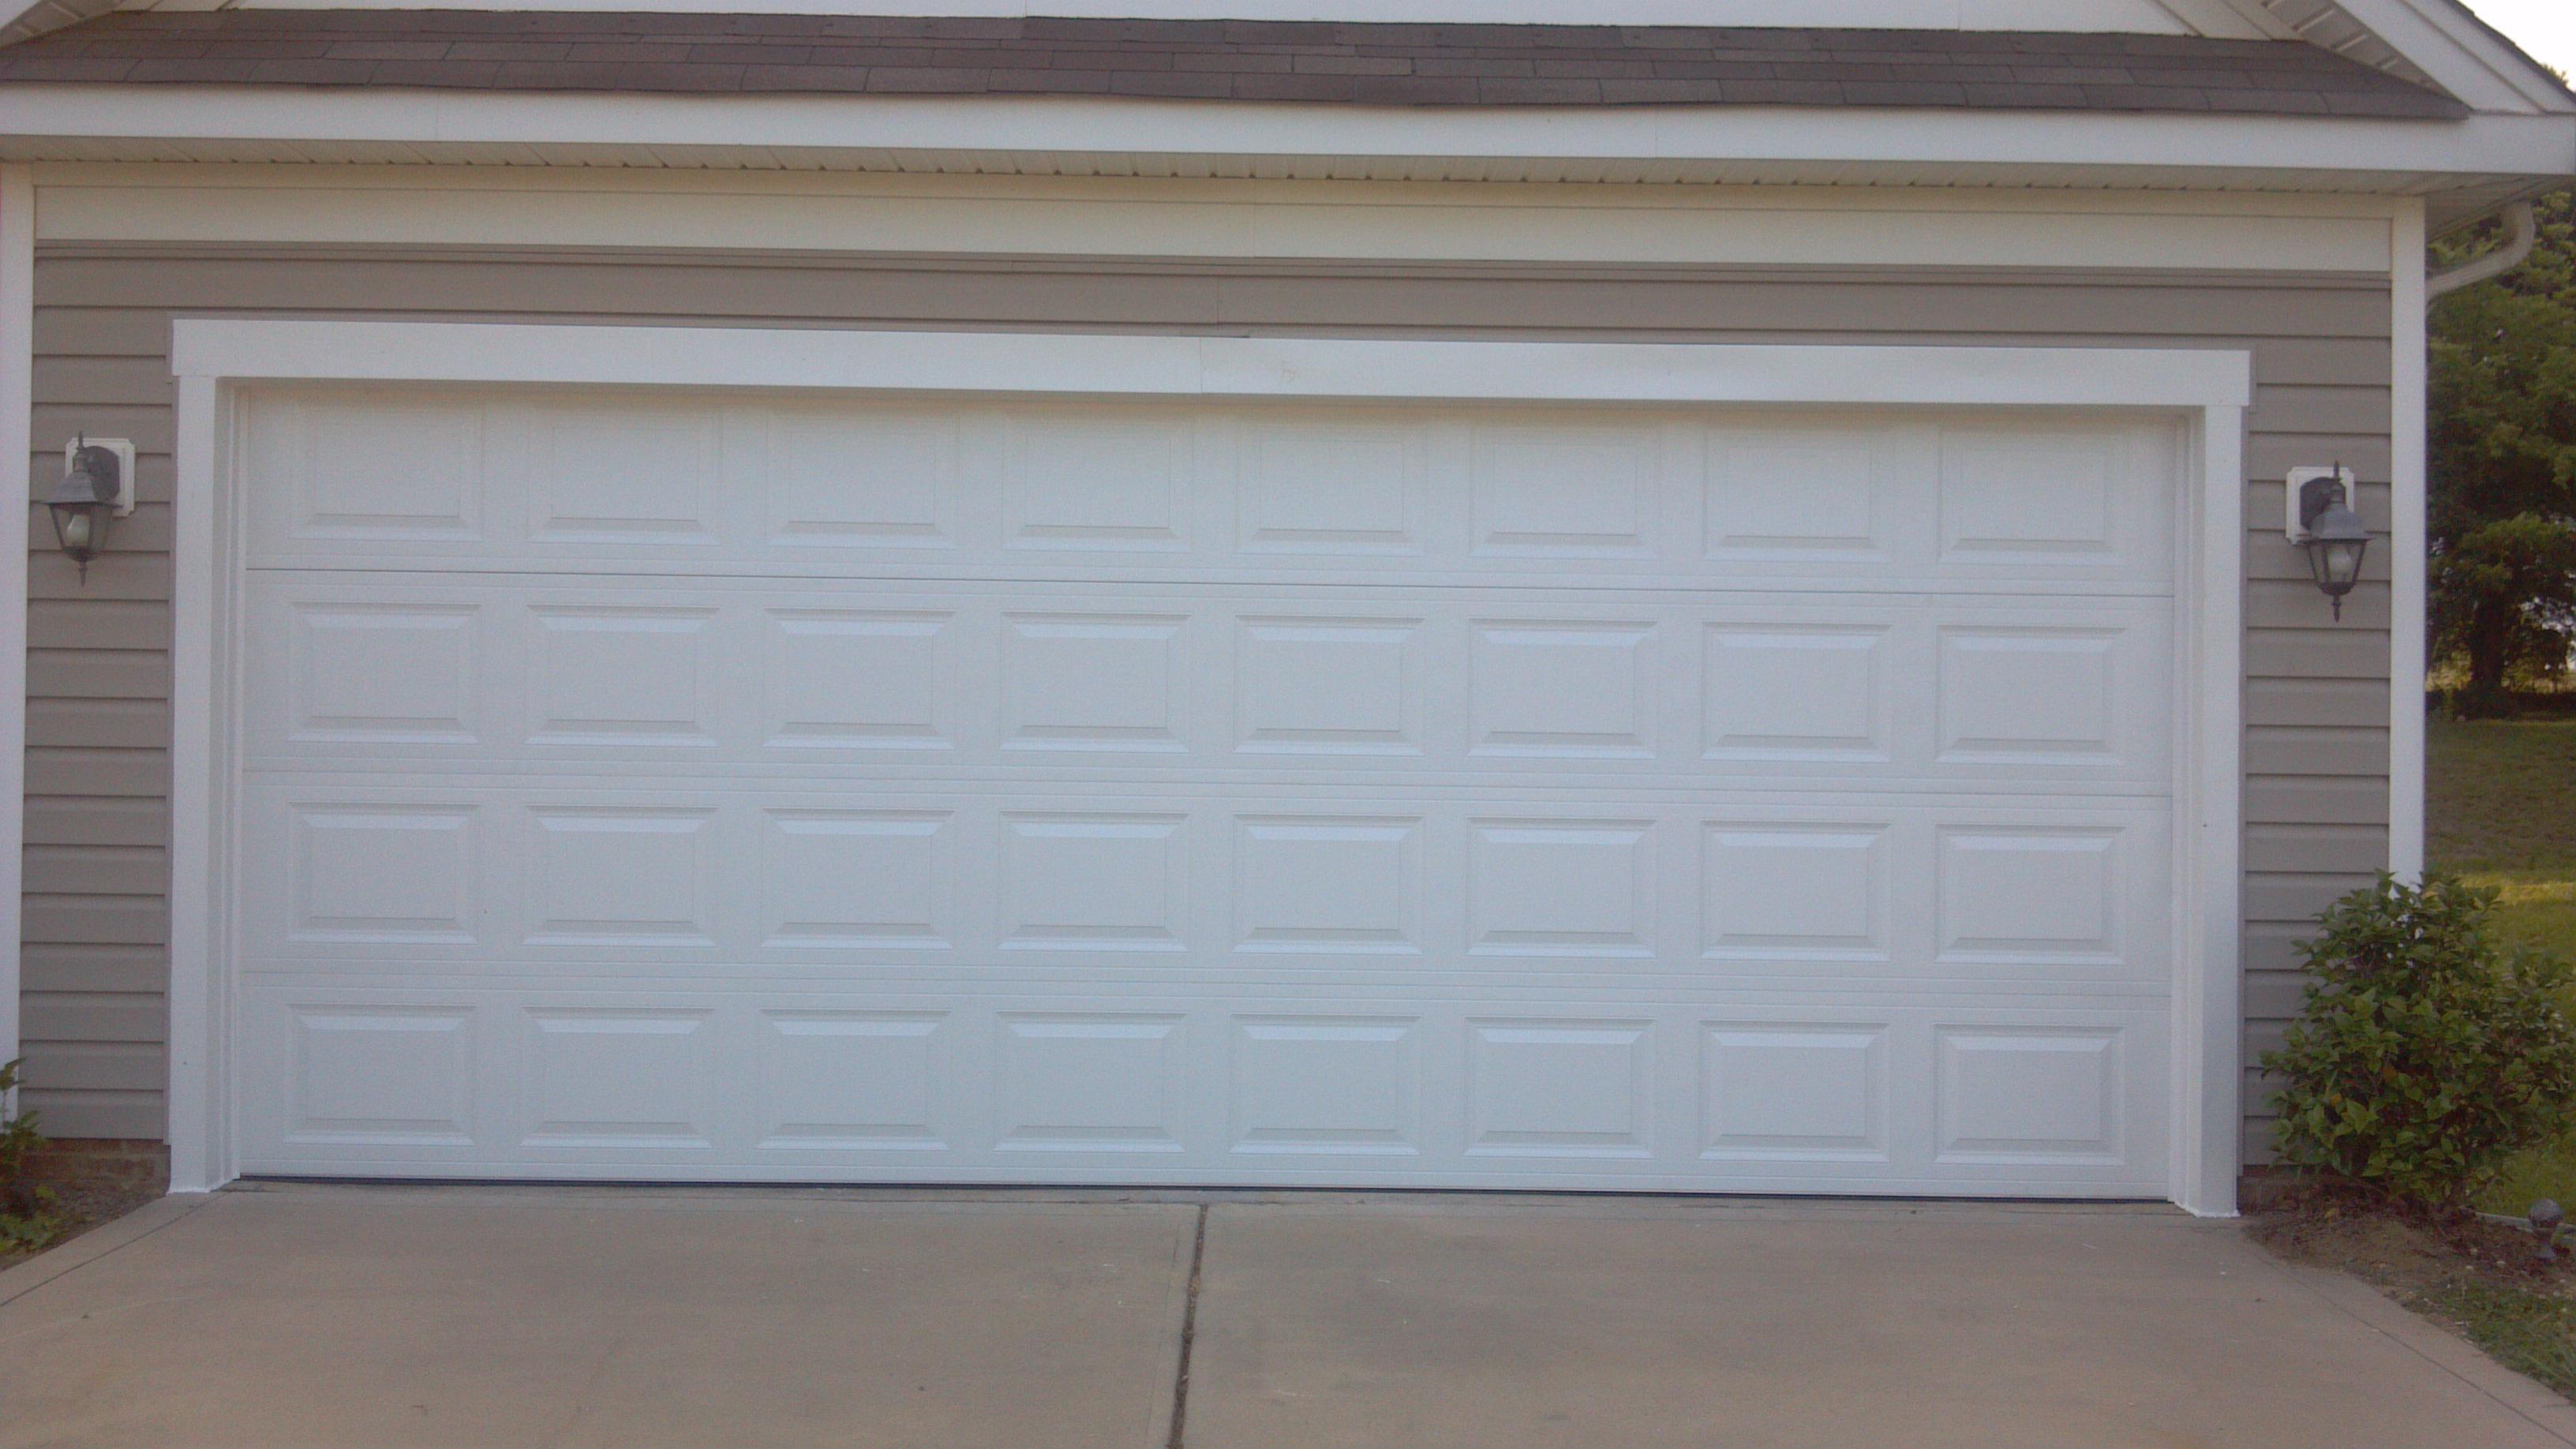 1836 #6D5E4E Door Service Garage Door Services In 9527 Vilven Lane Houston  image Wood Garage Doors Houston 35933264